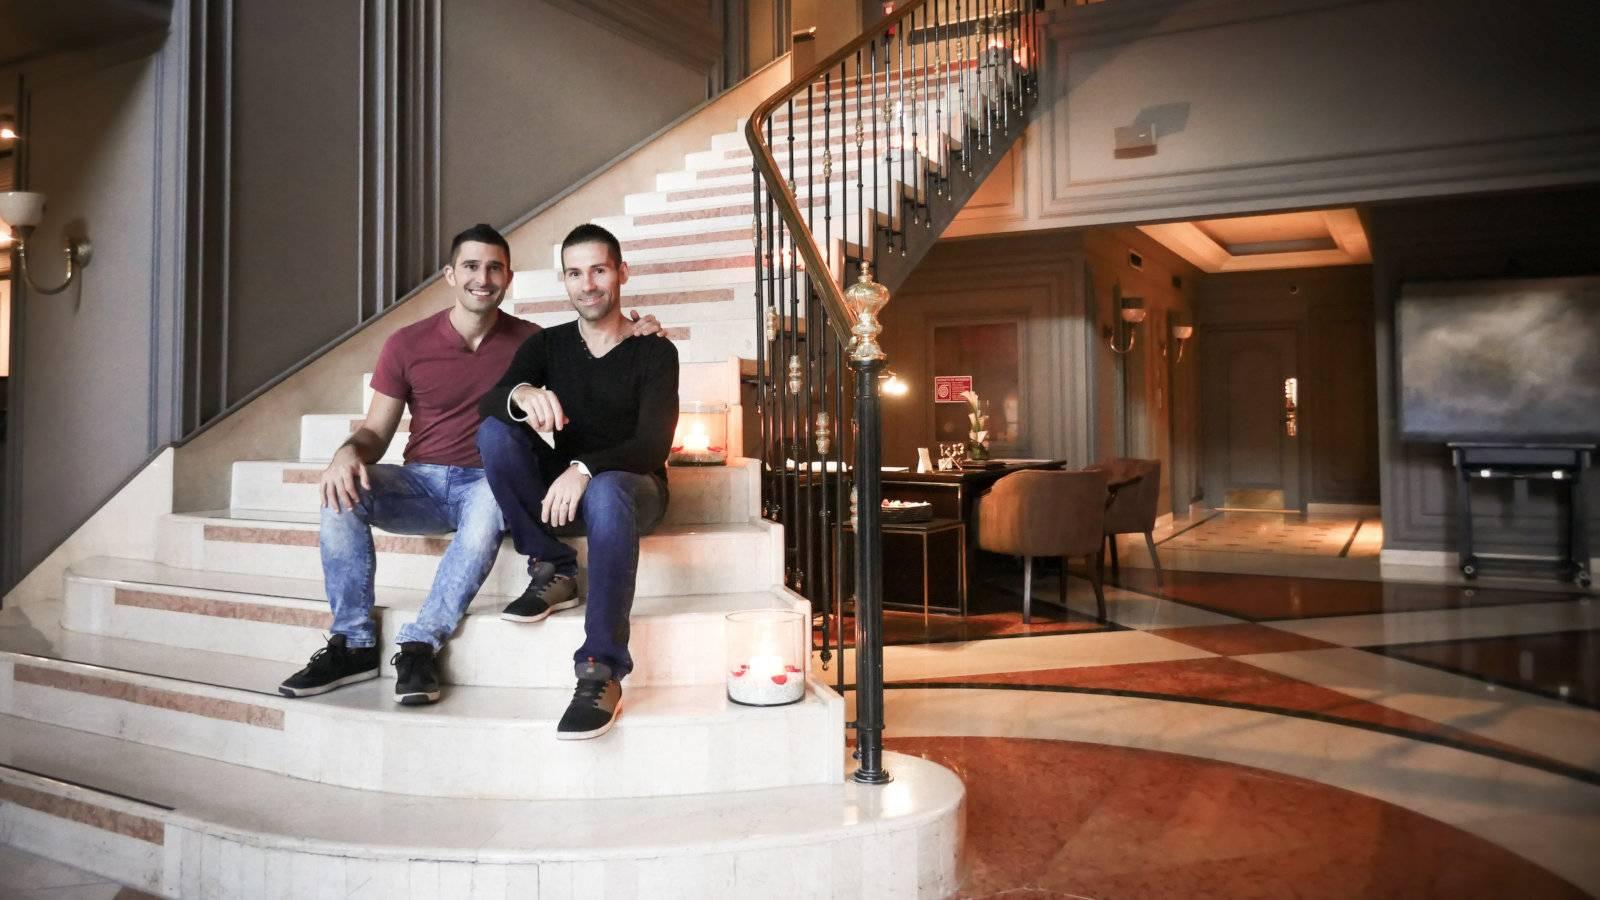 Bogota gay guide Sofitel gay friendly hotel